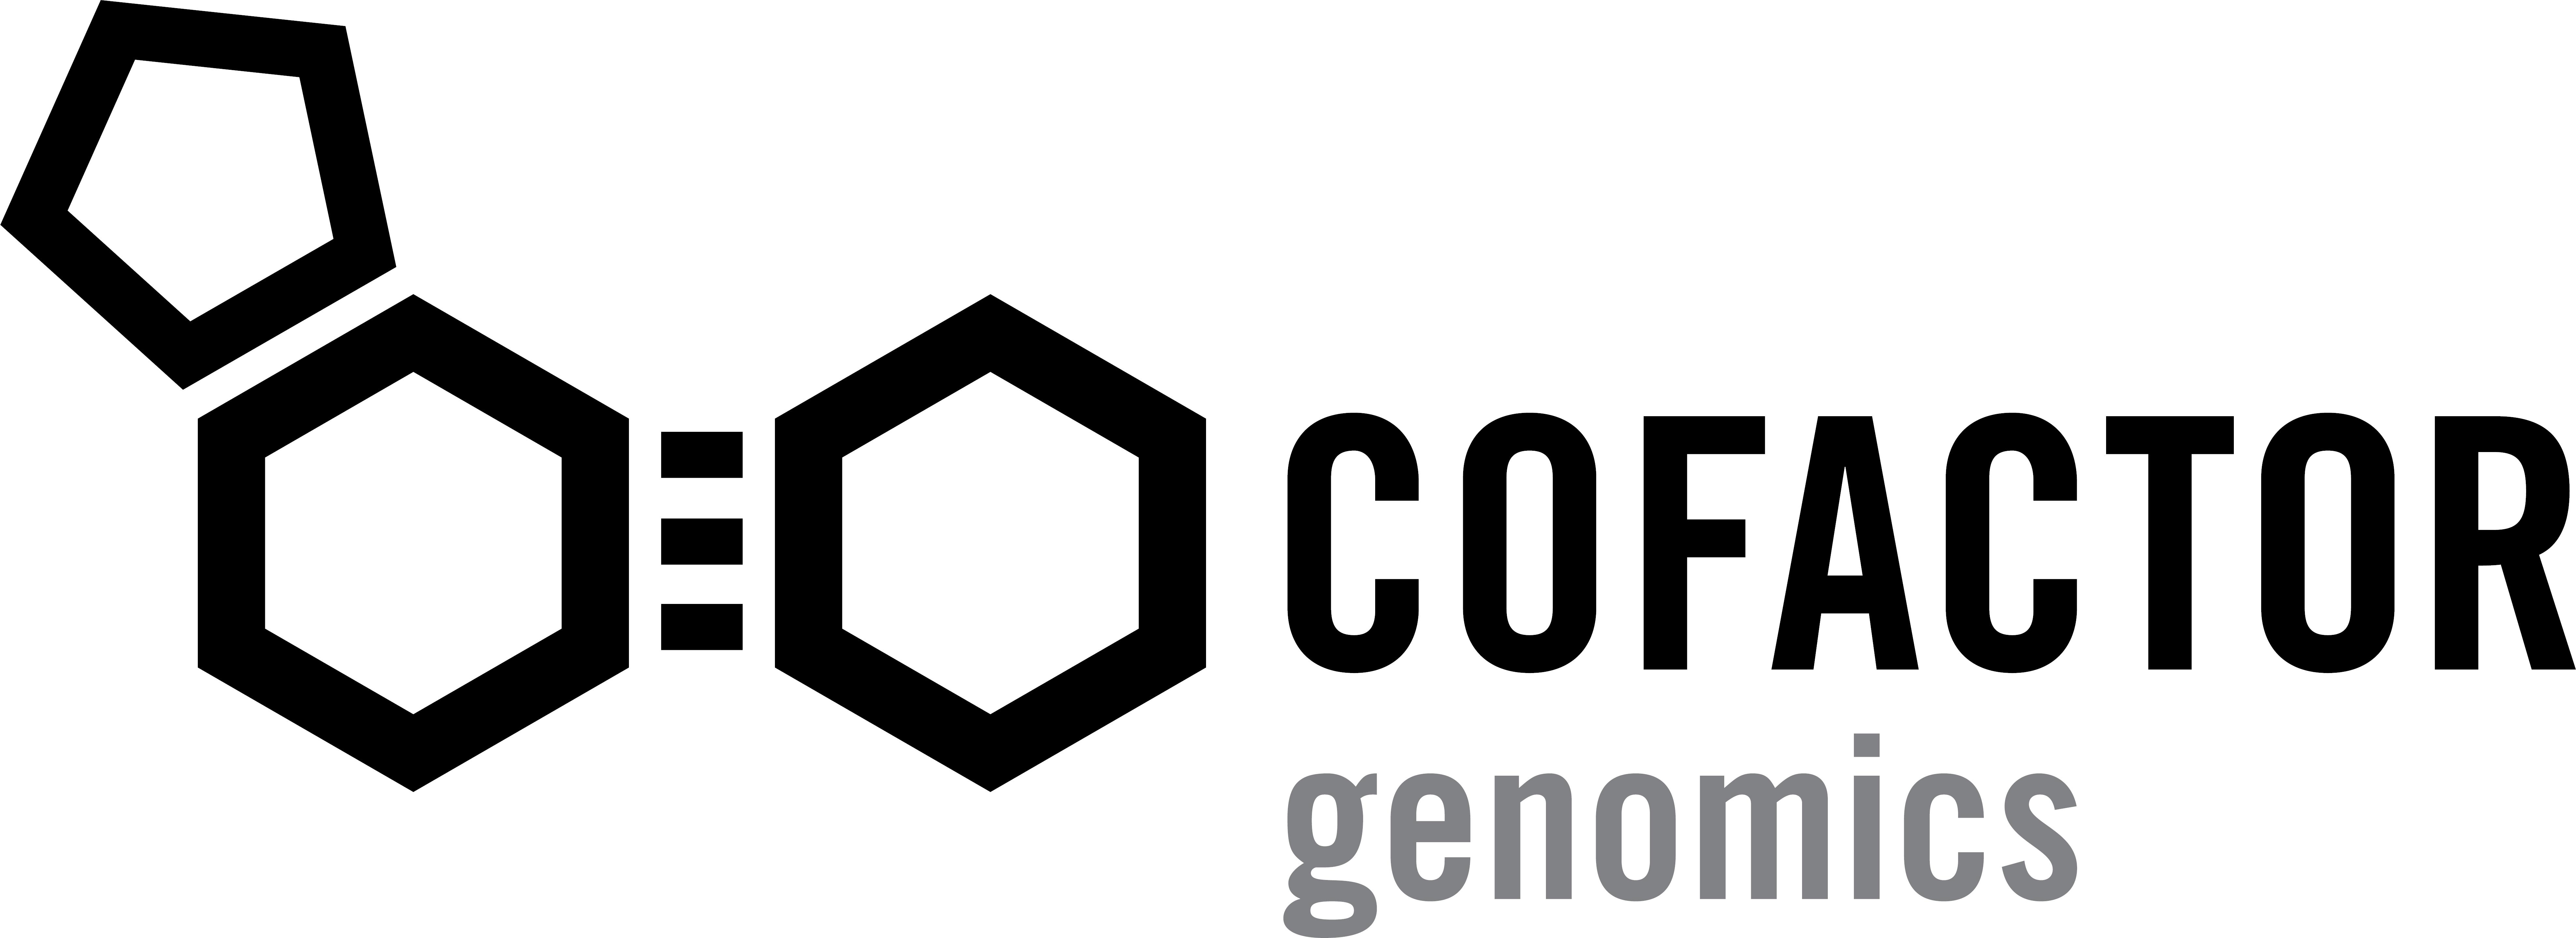 Cofactor Genomics Lab / Facility Logo